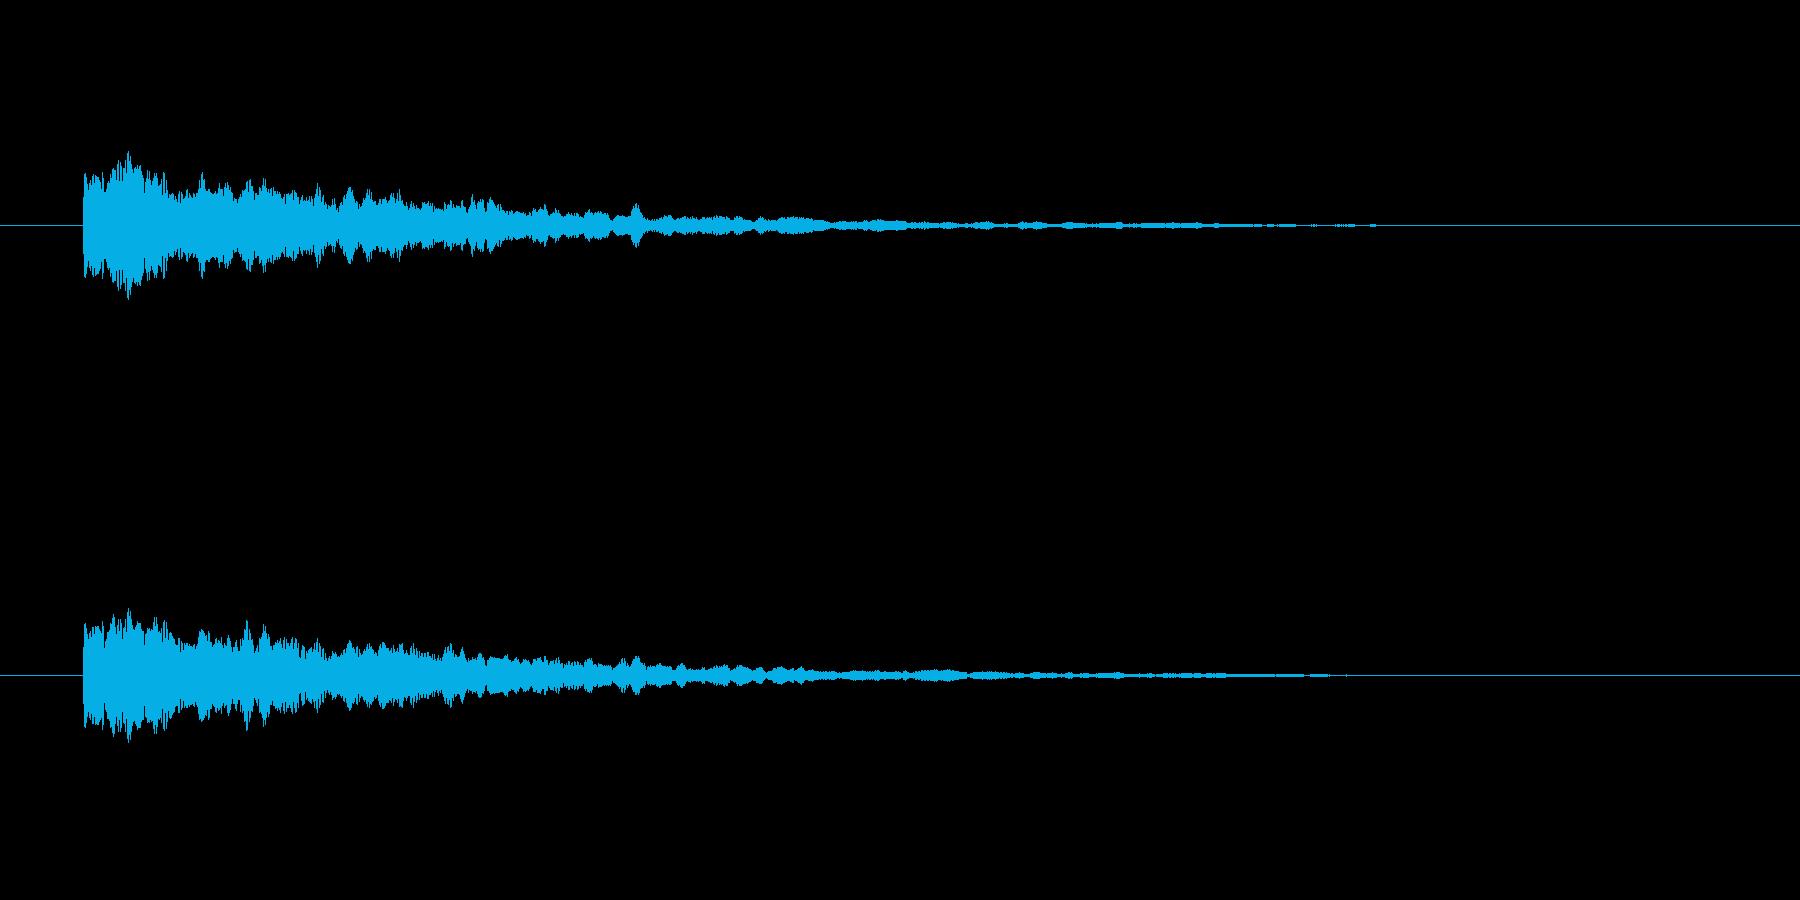 【ひらめき09-4】の再生済みの波形